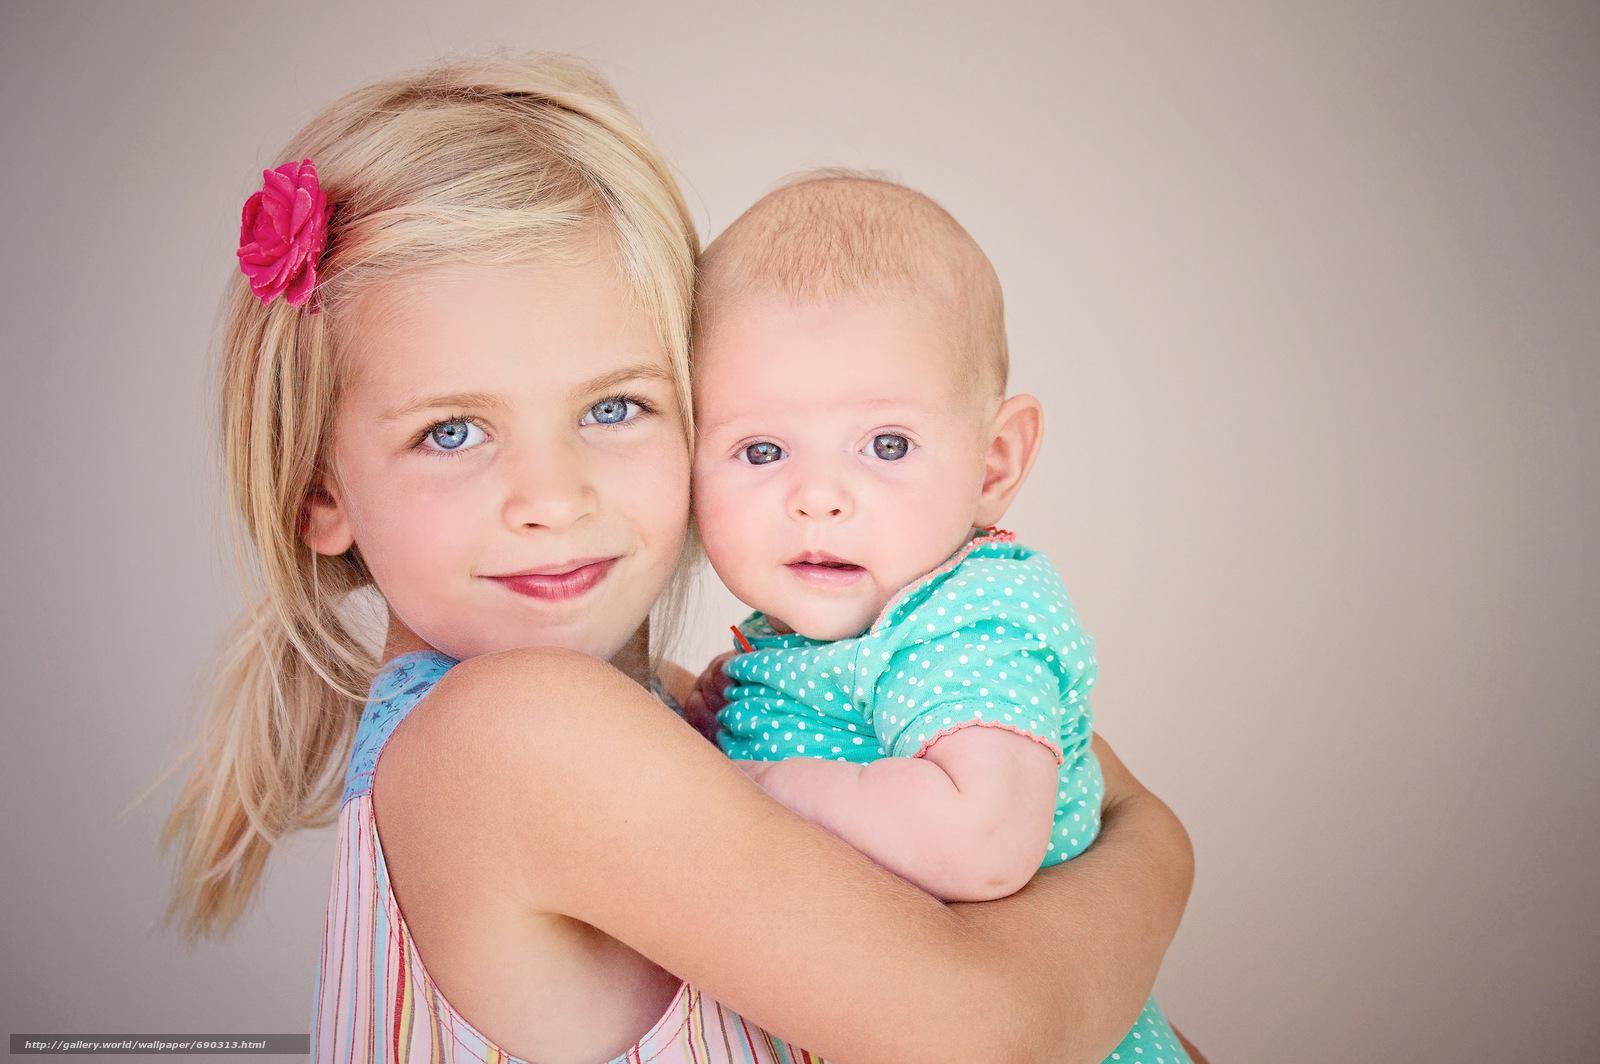 Картинки с детьми мальчика и девочки вместе